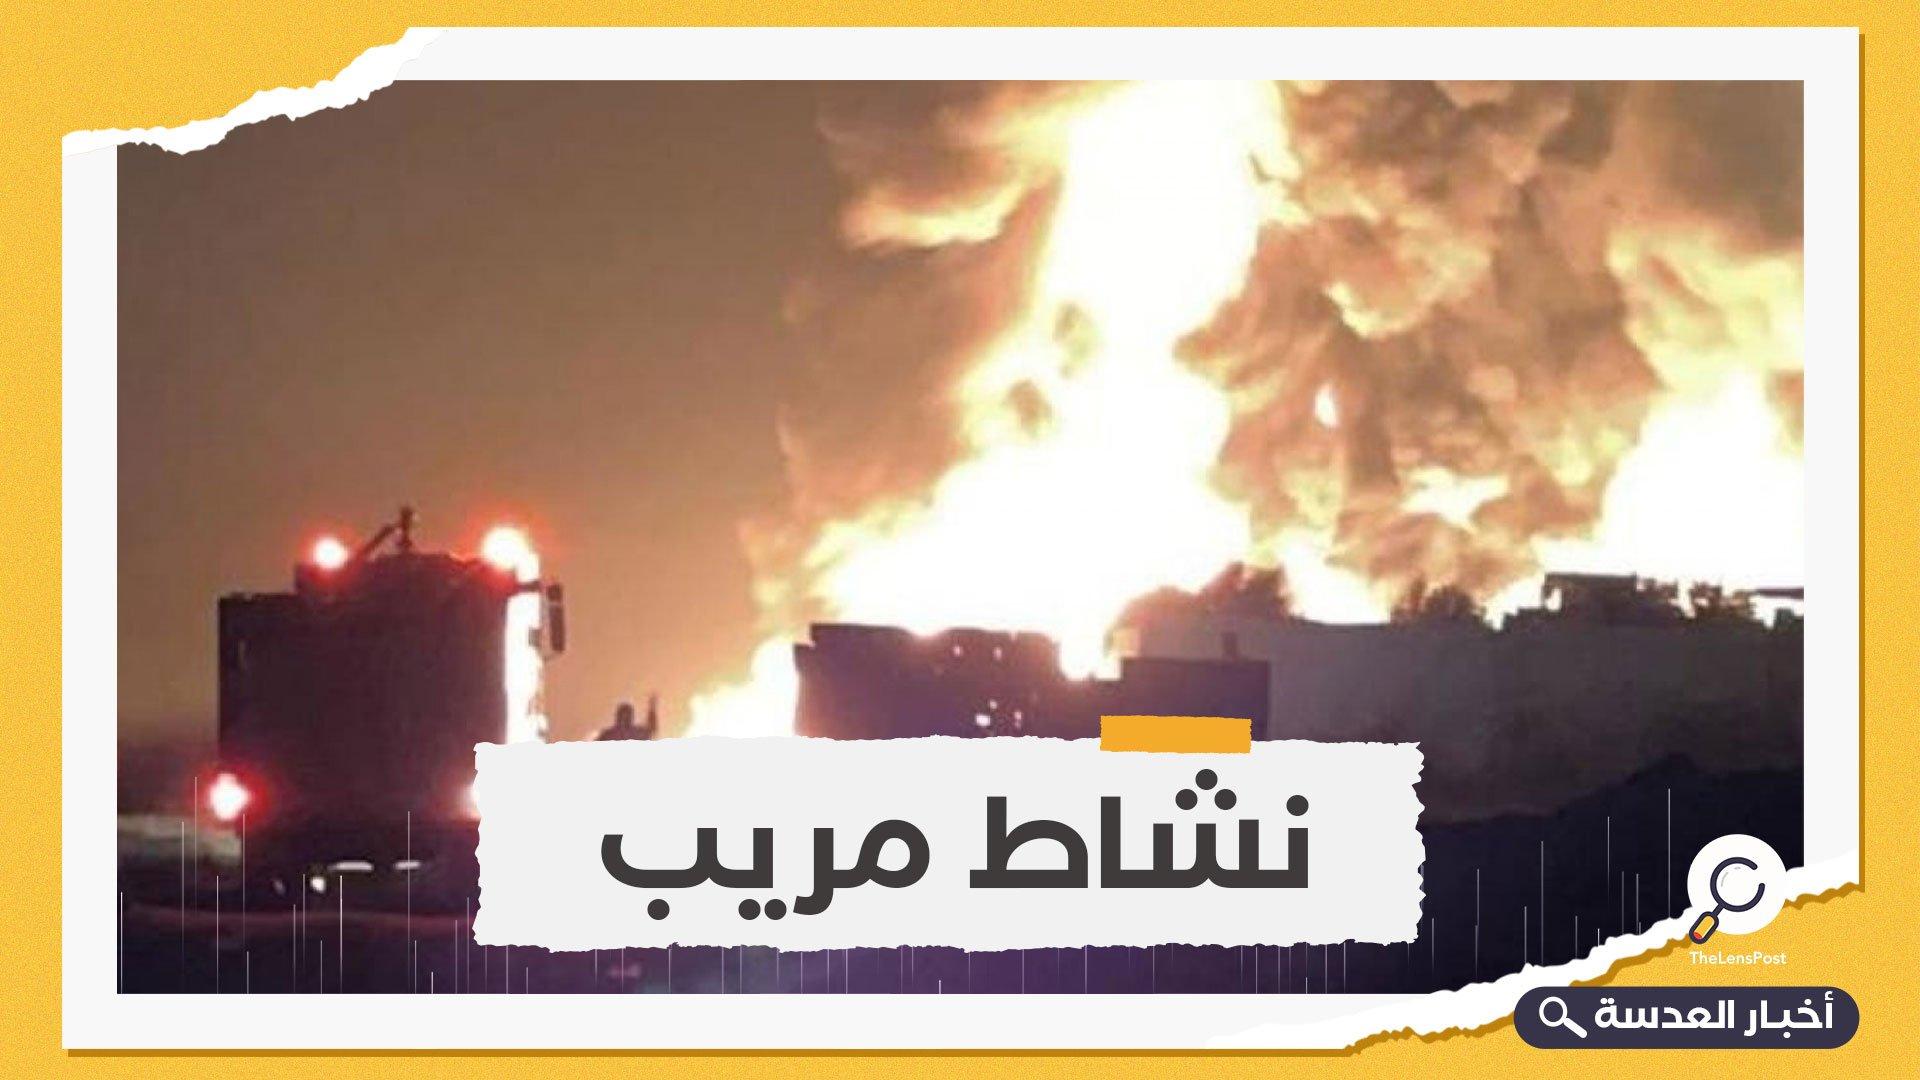 شكوك حول عمليات تهريب.. سقوط جرحى في انفجار هائل على الحدود بين لبنان وسوريا